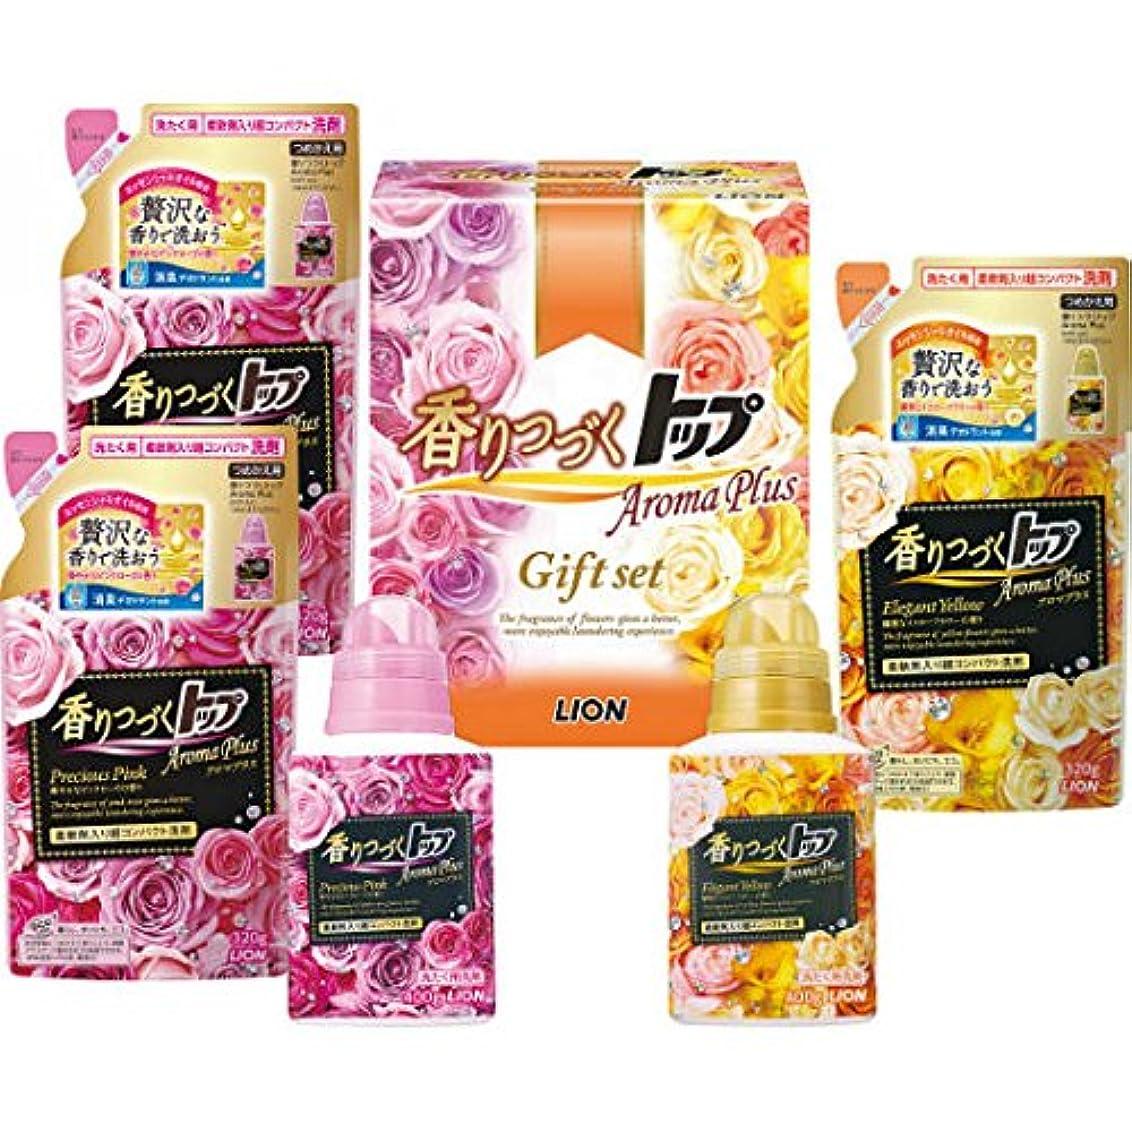 涙が出る食料品店まとめるLION(ライオン) ライオン 香りつづくトップアロマプラスギフト(LPW-20A)